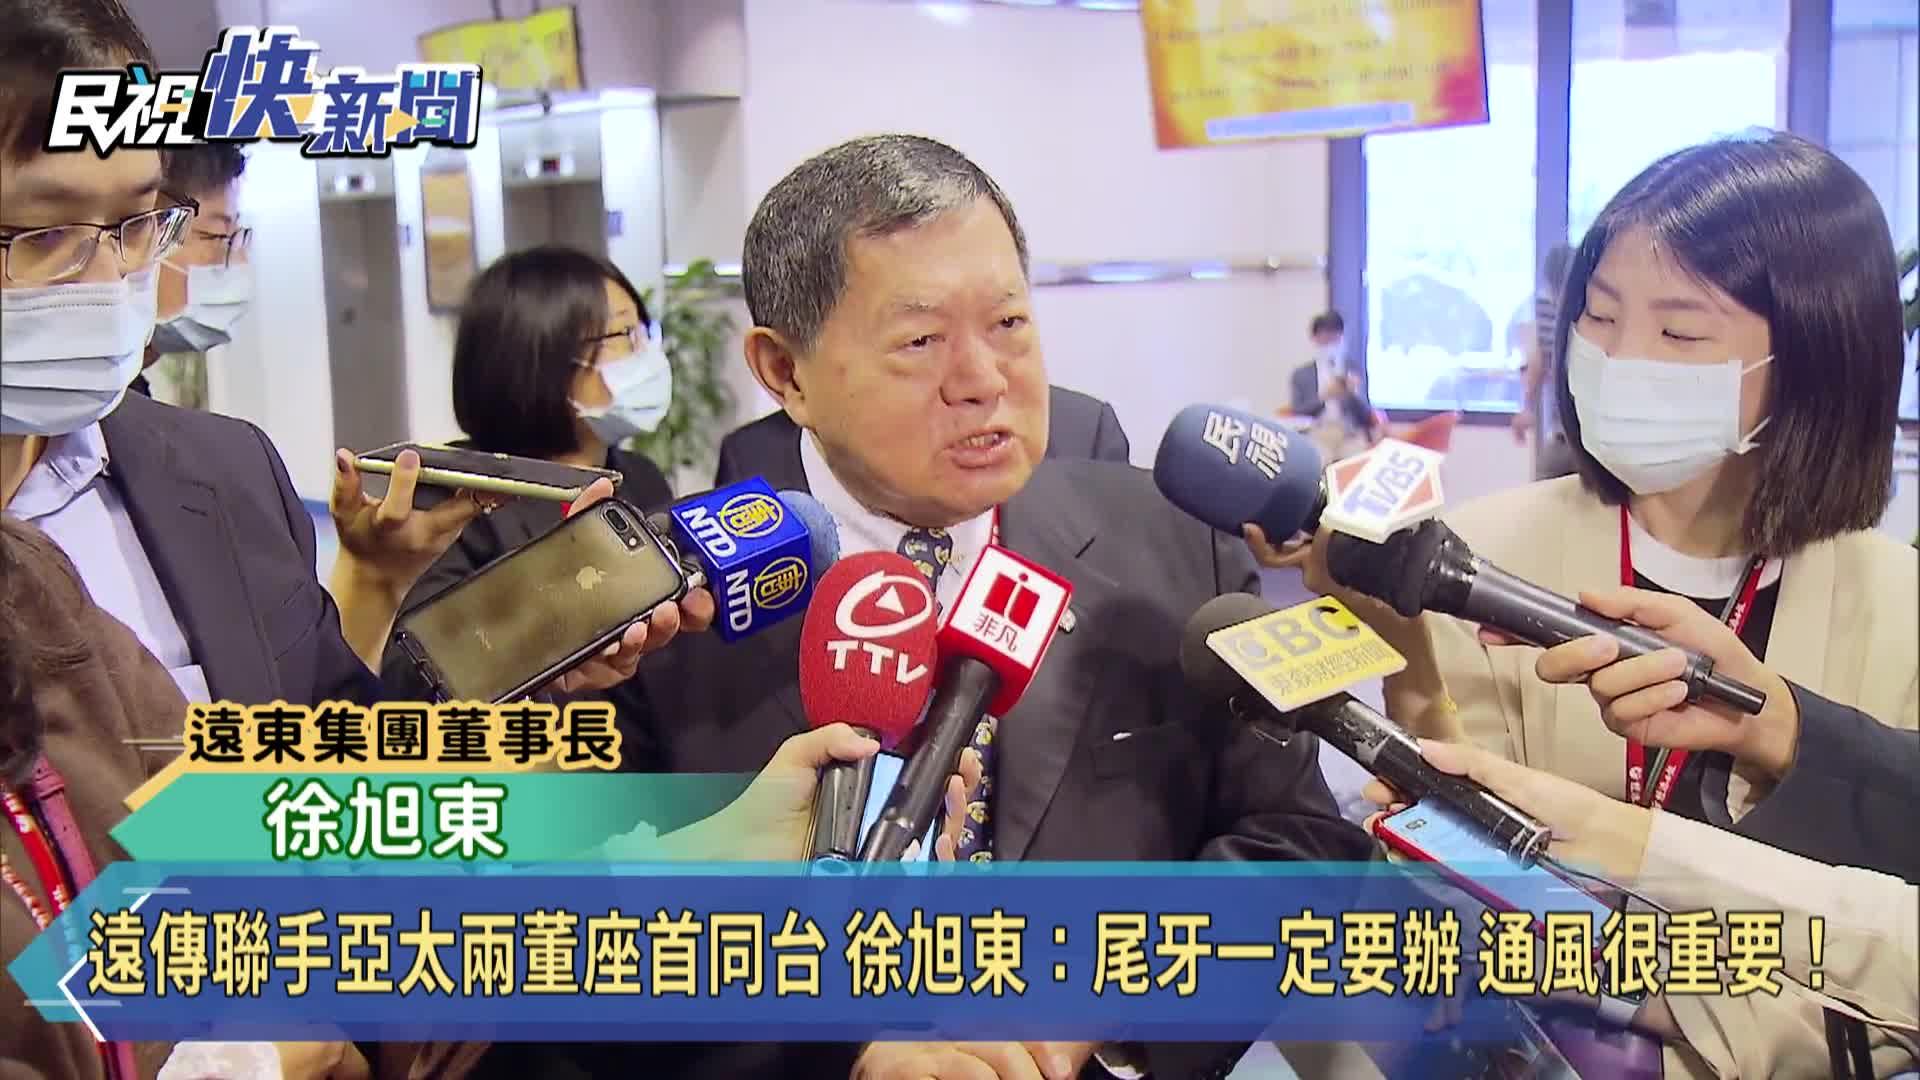 遠傳聯手亞太兩董座首同台 徐旭東:尾牙一定要辦 通風很重要!